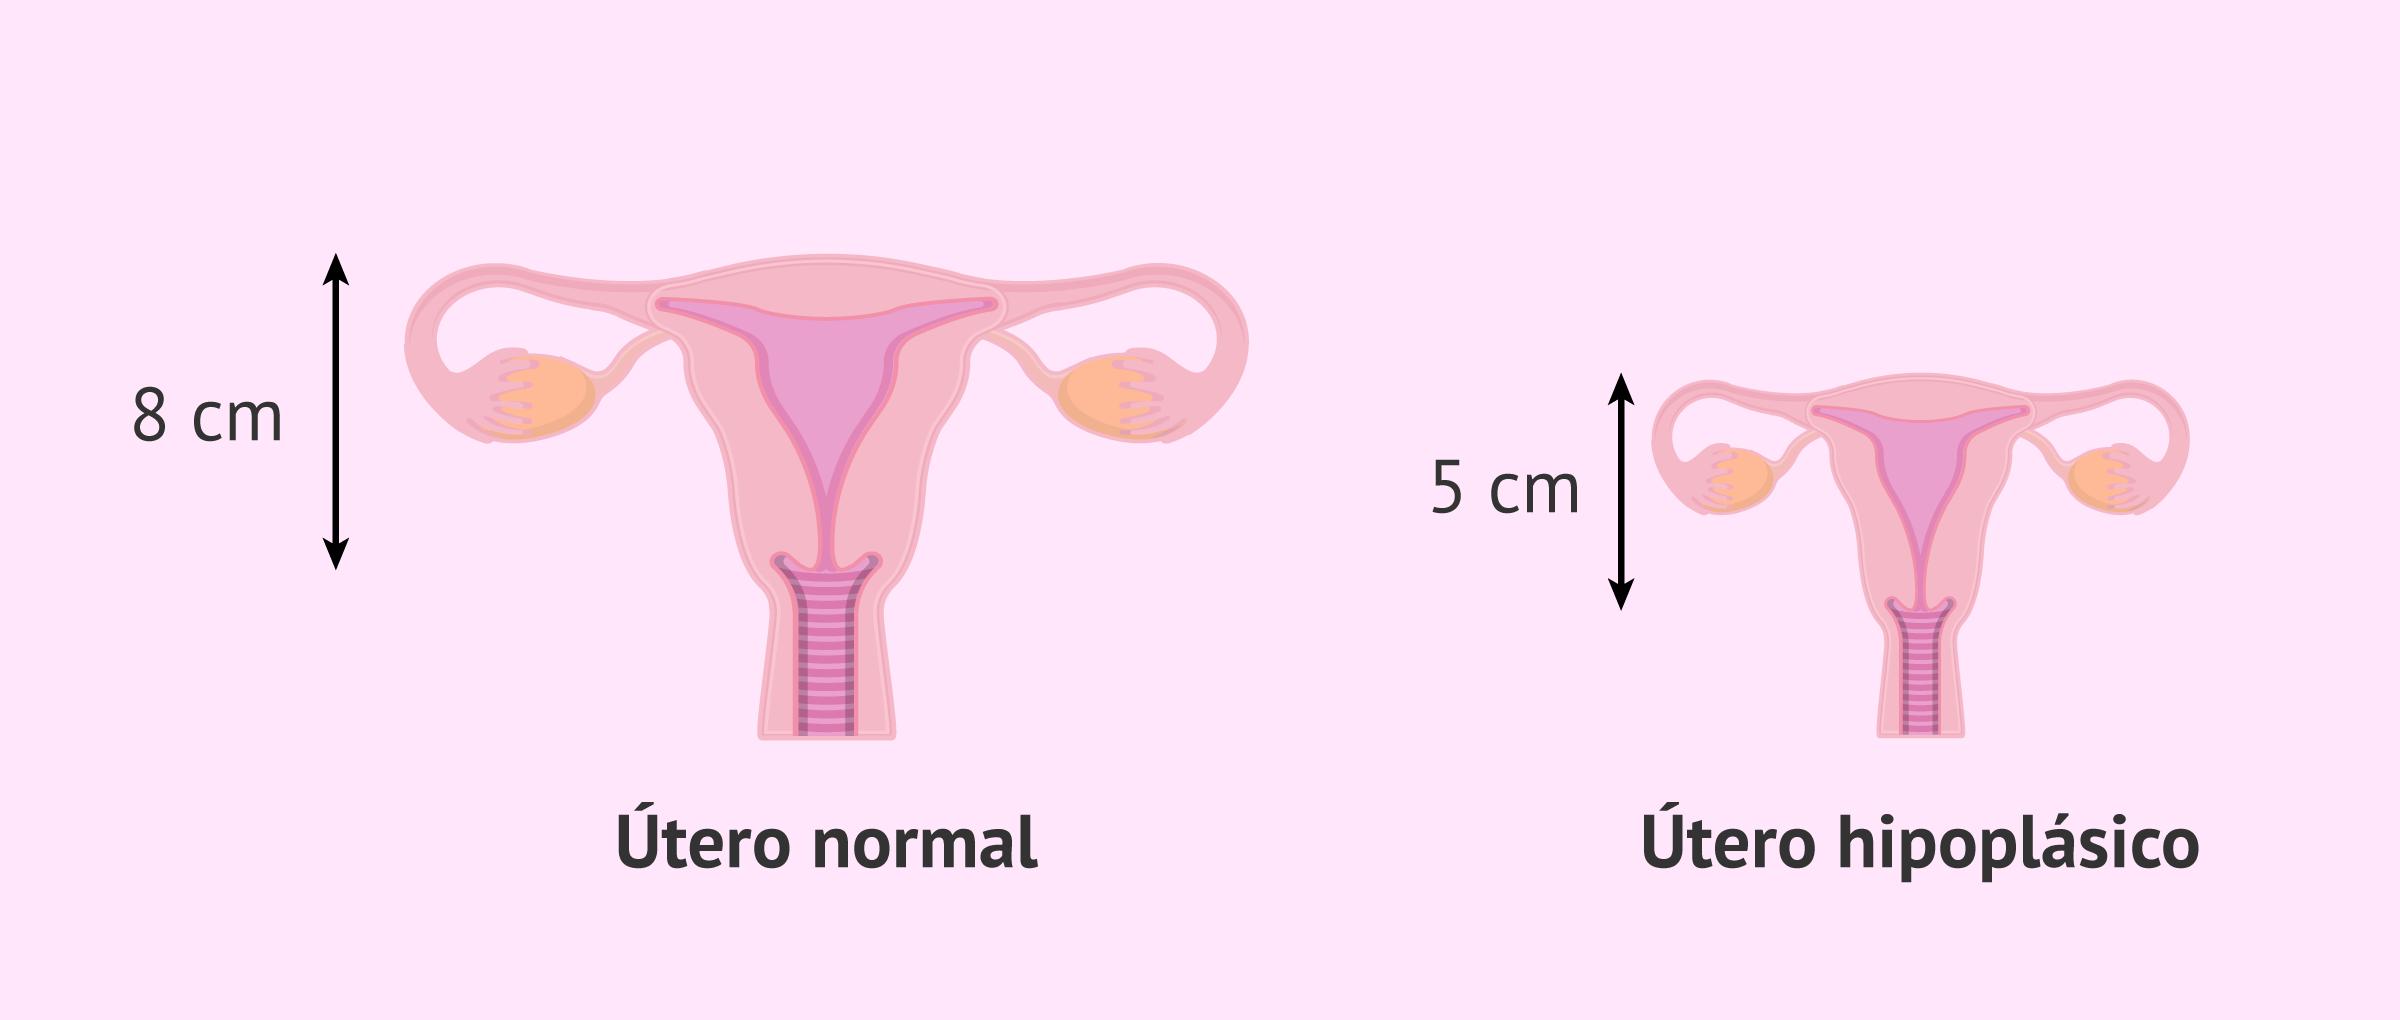 ¿Qué es la hipoplasia uterina?